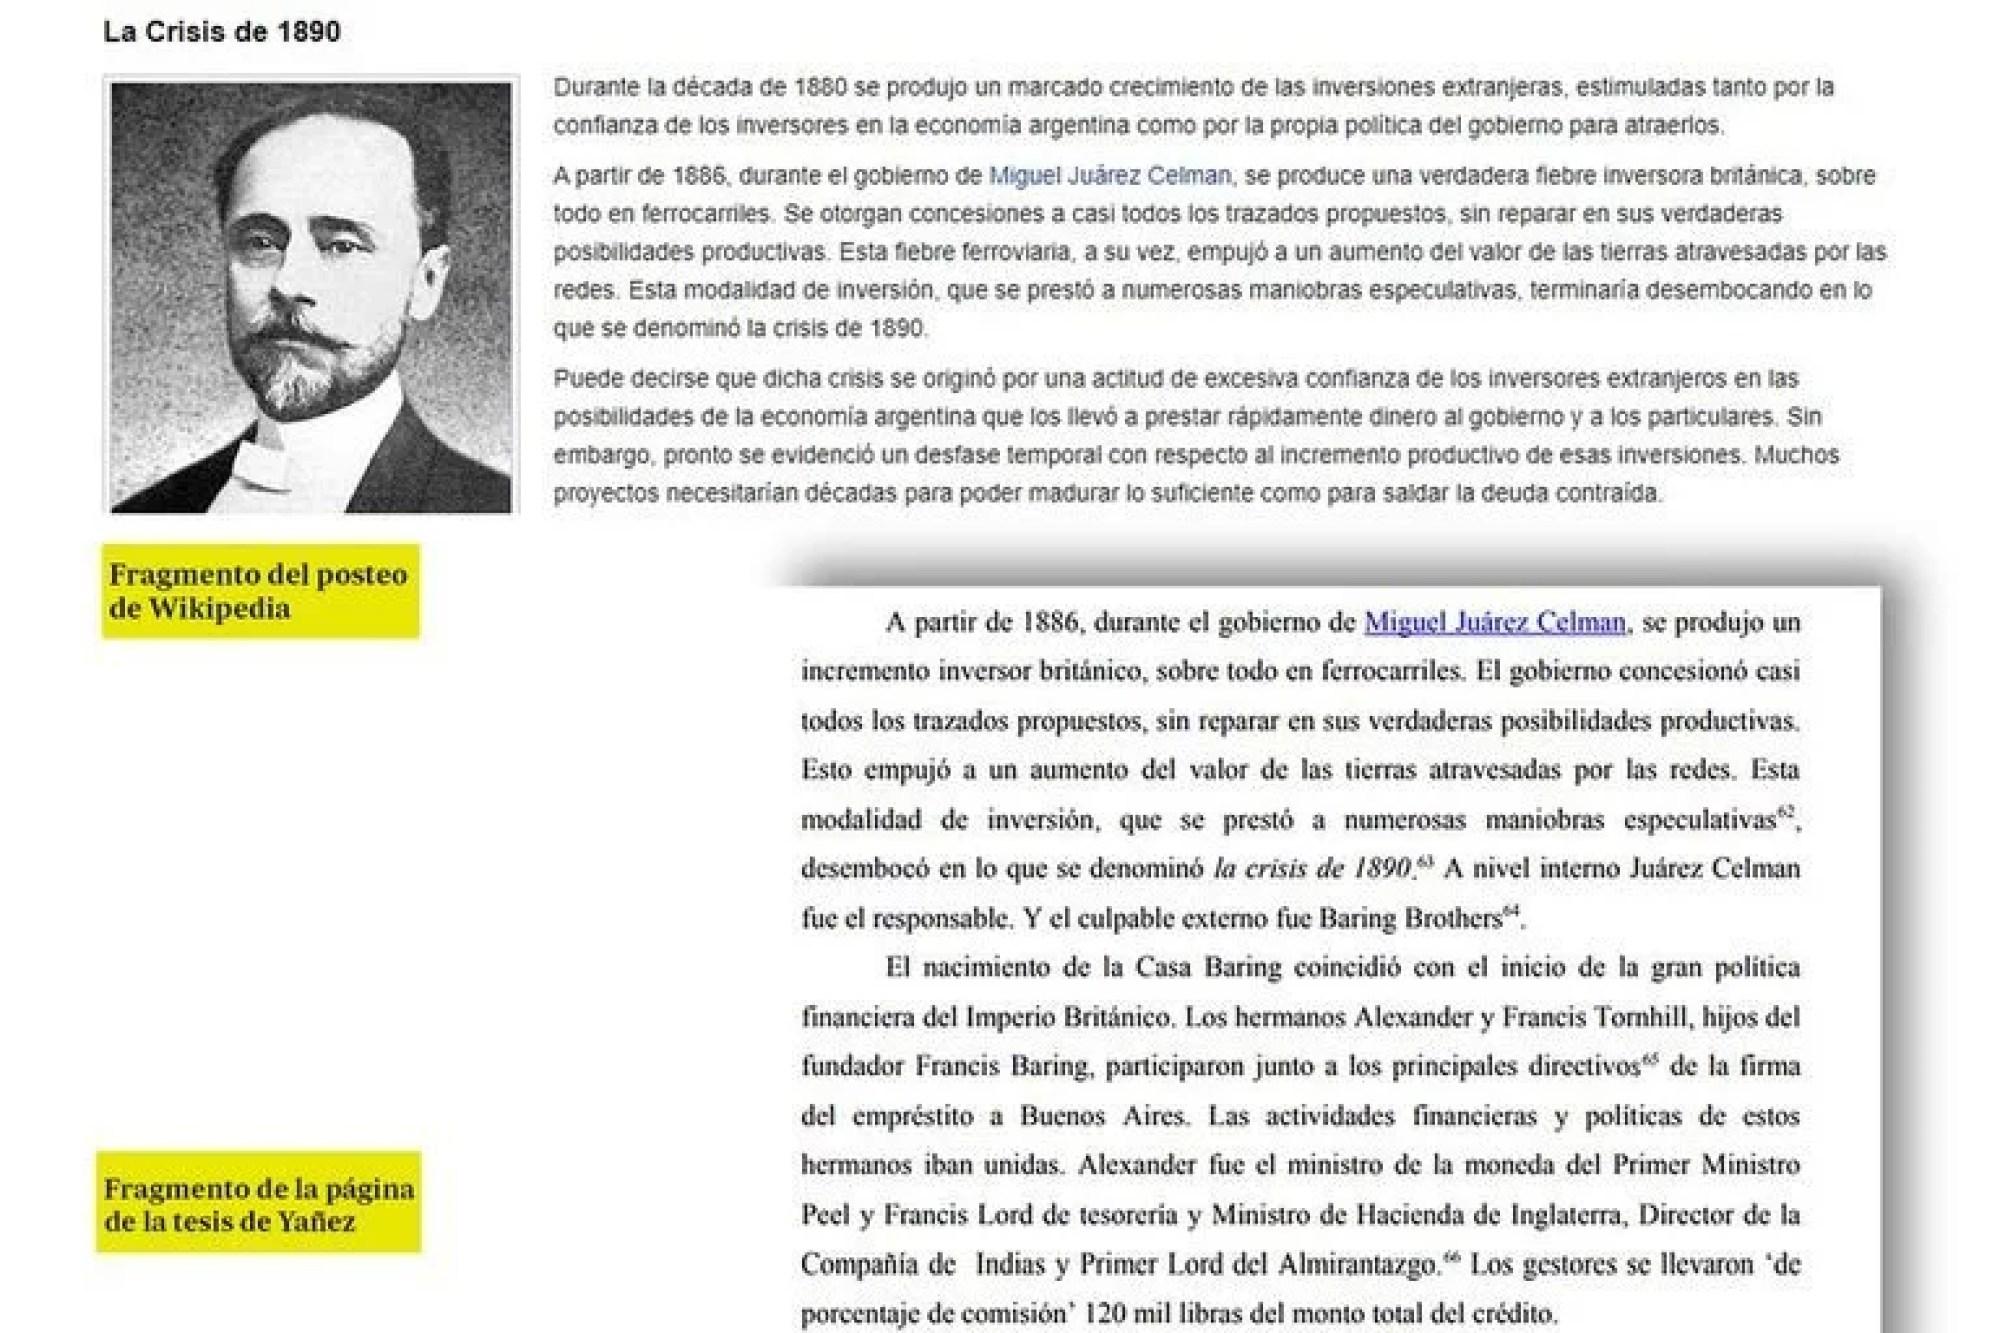 Los fragmentos de Wikipedia incluidos en la tesis.